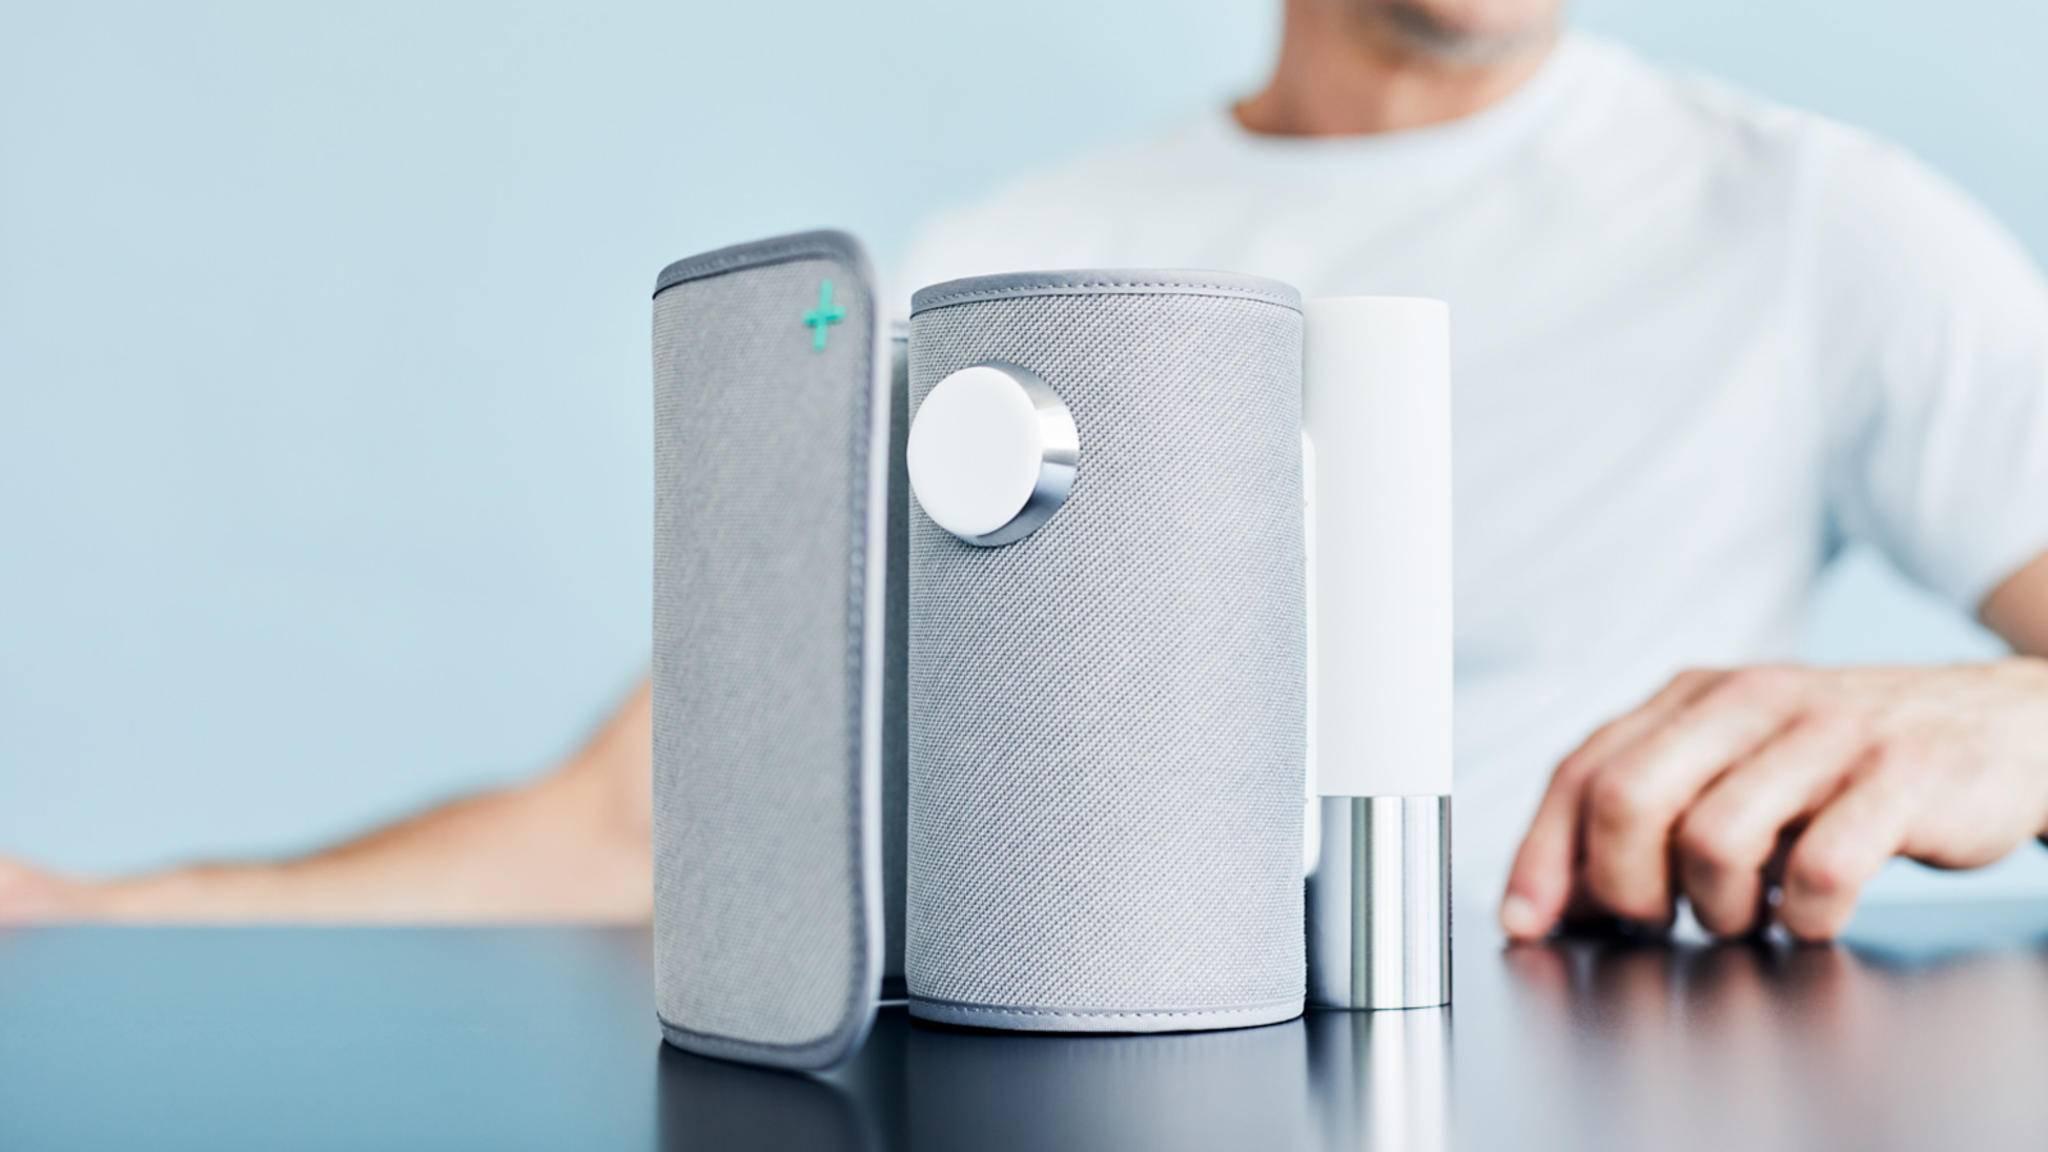 Mit den neuen Geräten von Withings sollen sich mögliche Herzerkrankungen frühzeitig erkennen lassen.